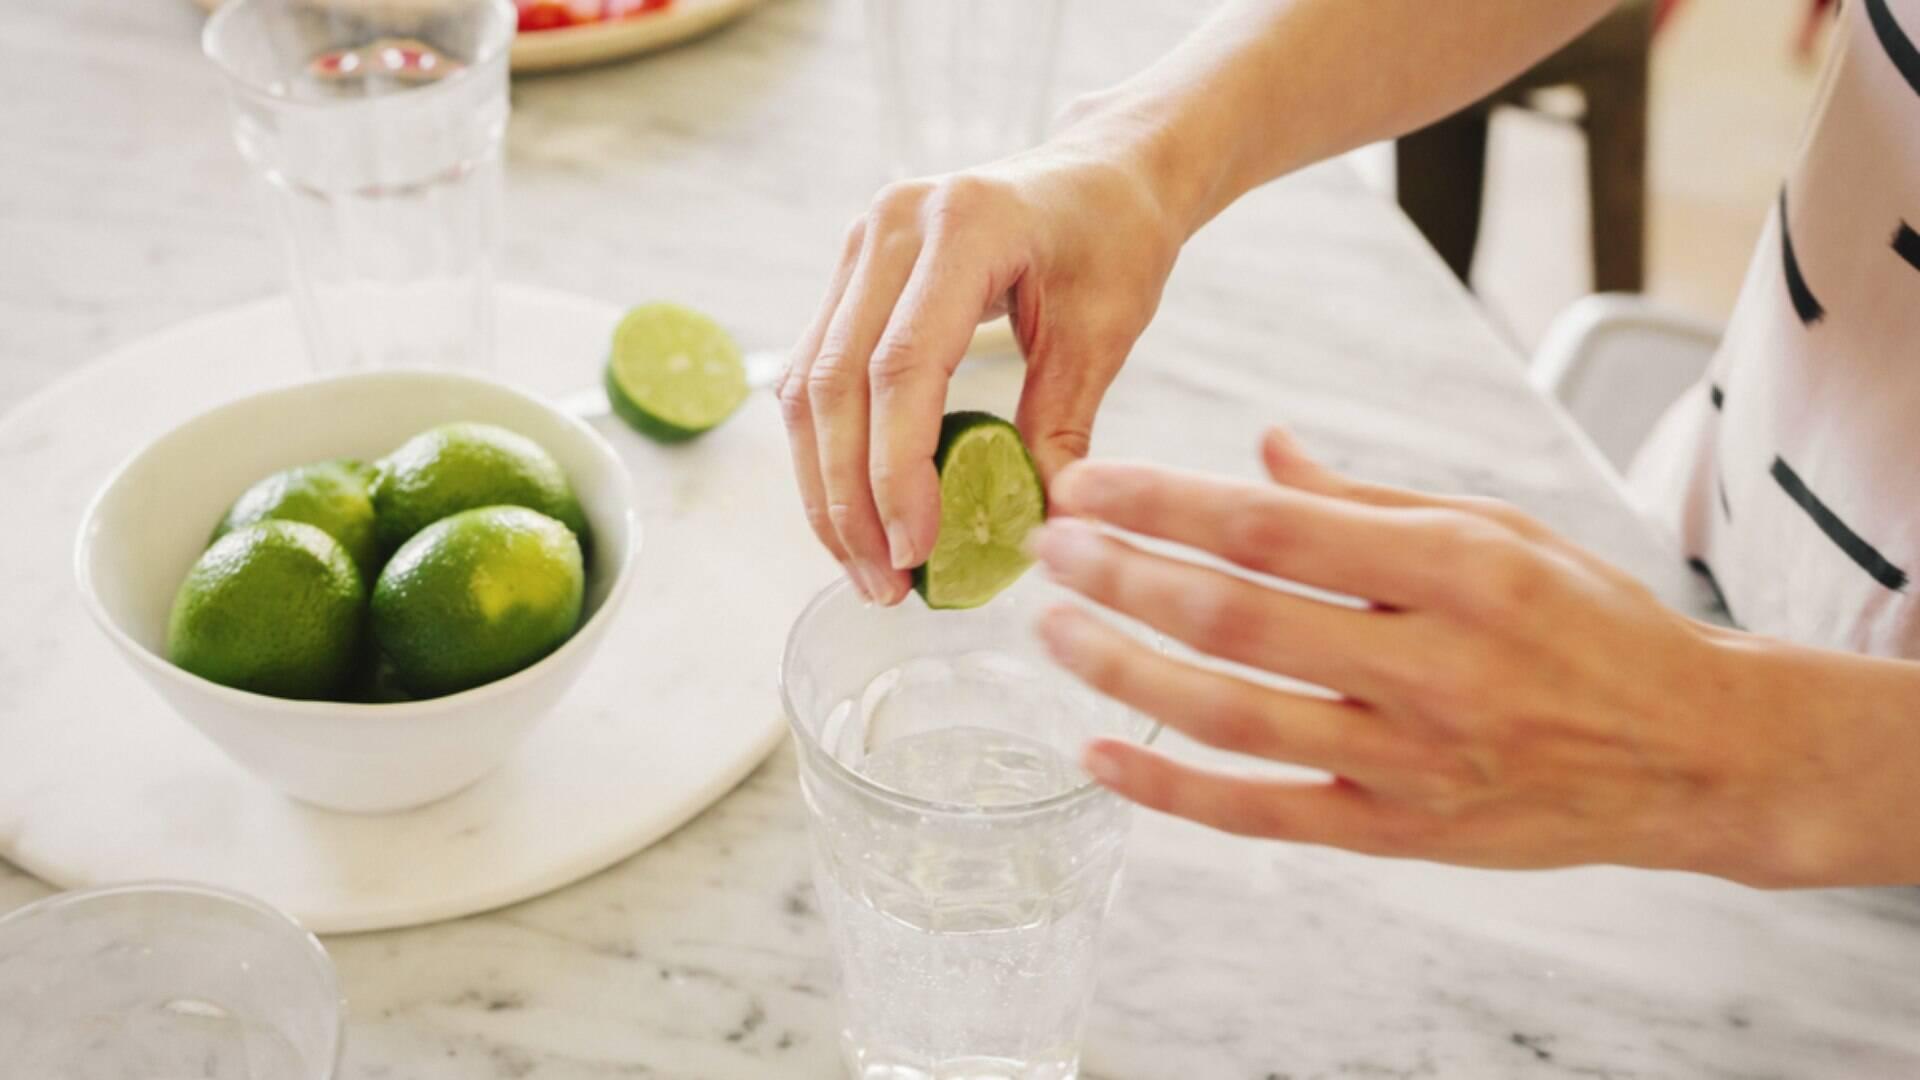 Água com limão: 8 dúvidas que você ainda não teve resposta - Alimentação e  Bem-Estar - iG